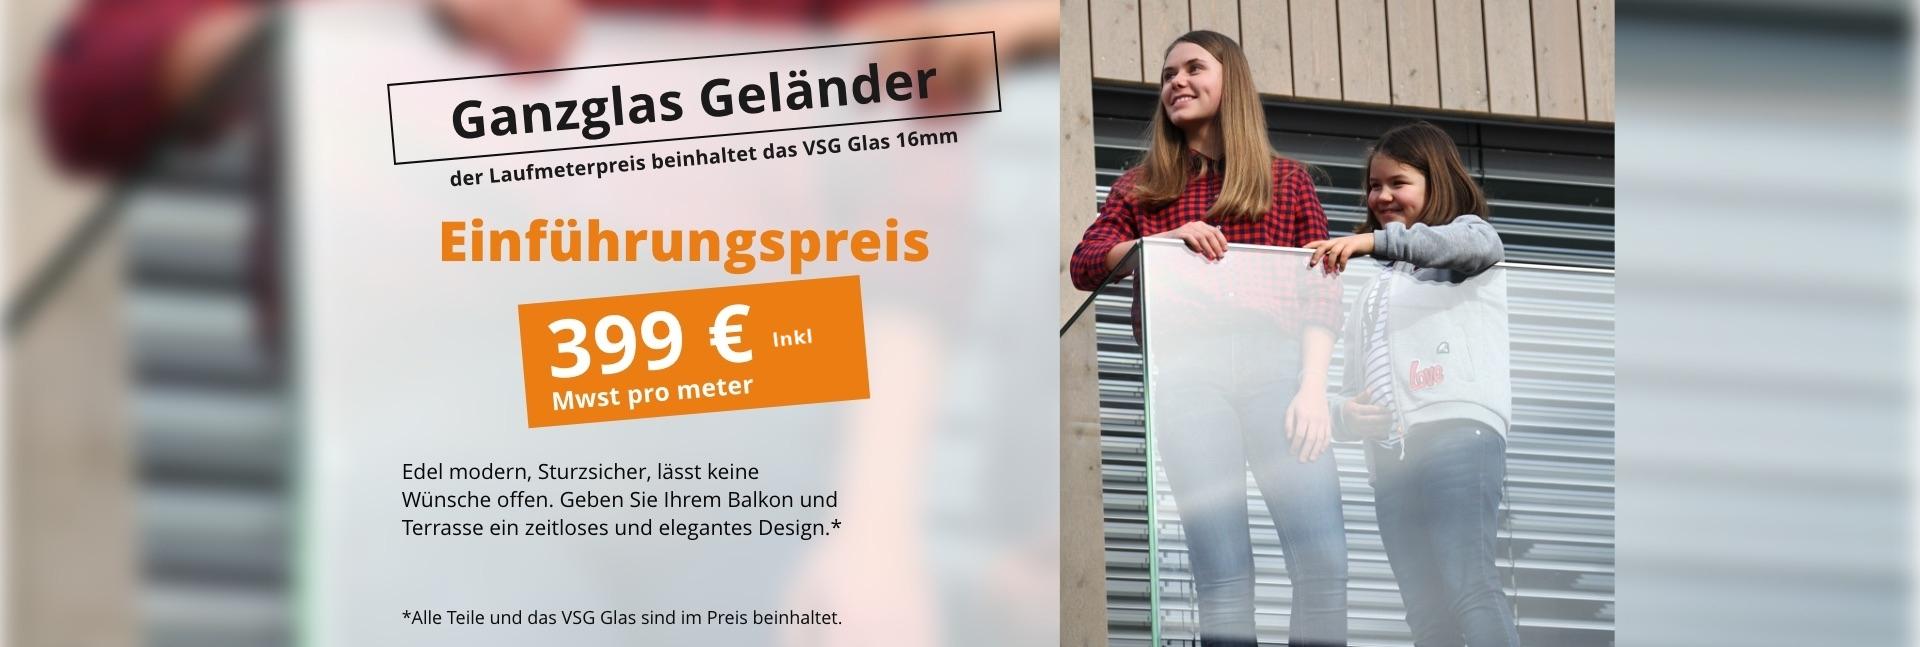 GELÄNDER MIT ACRYLGLAS